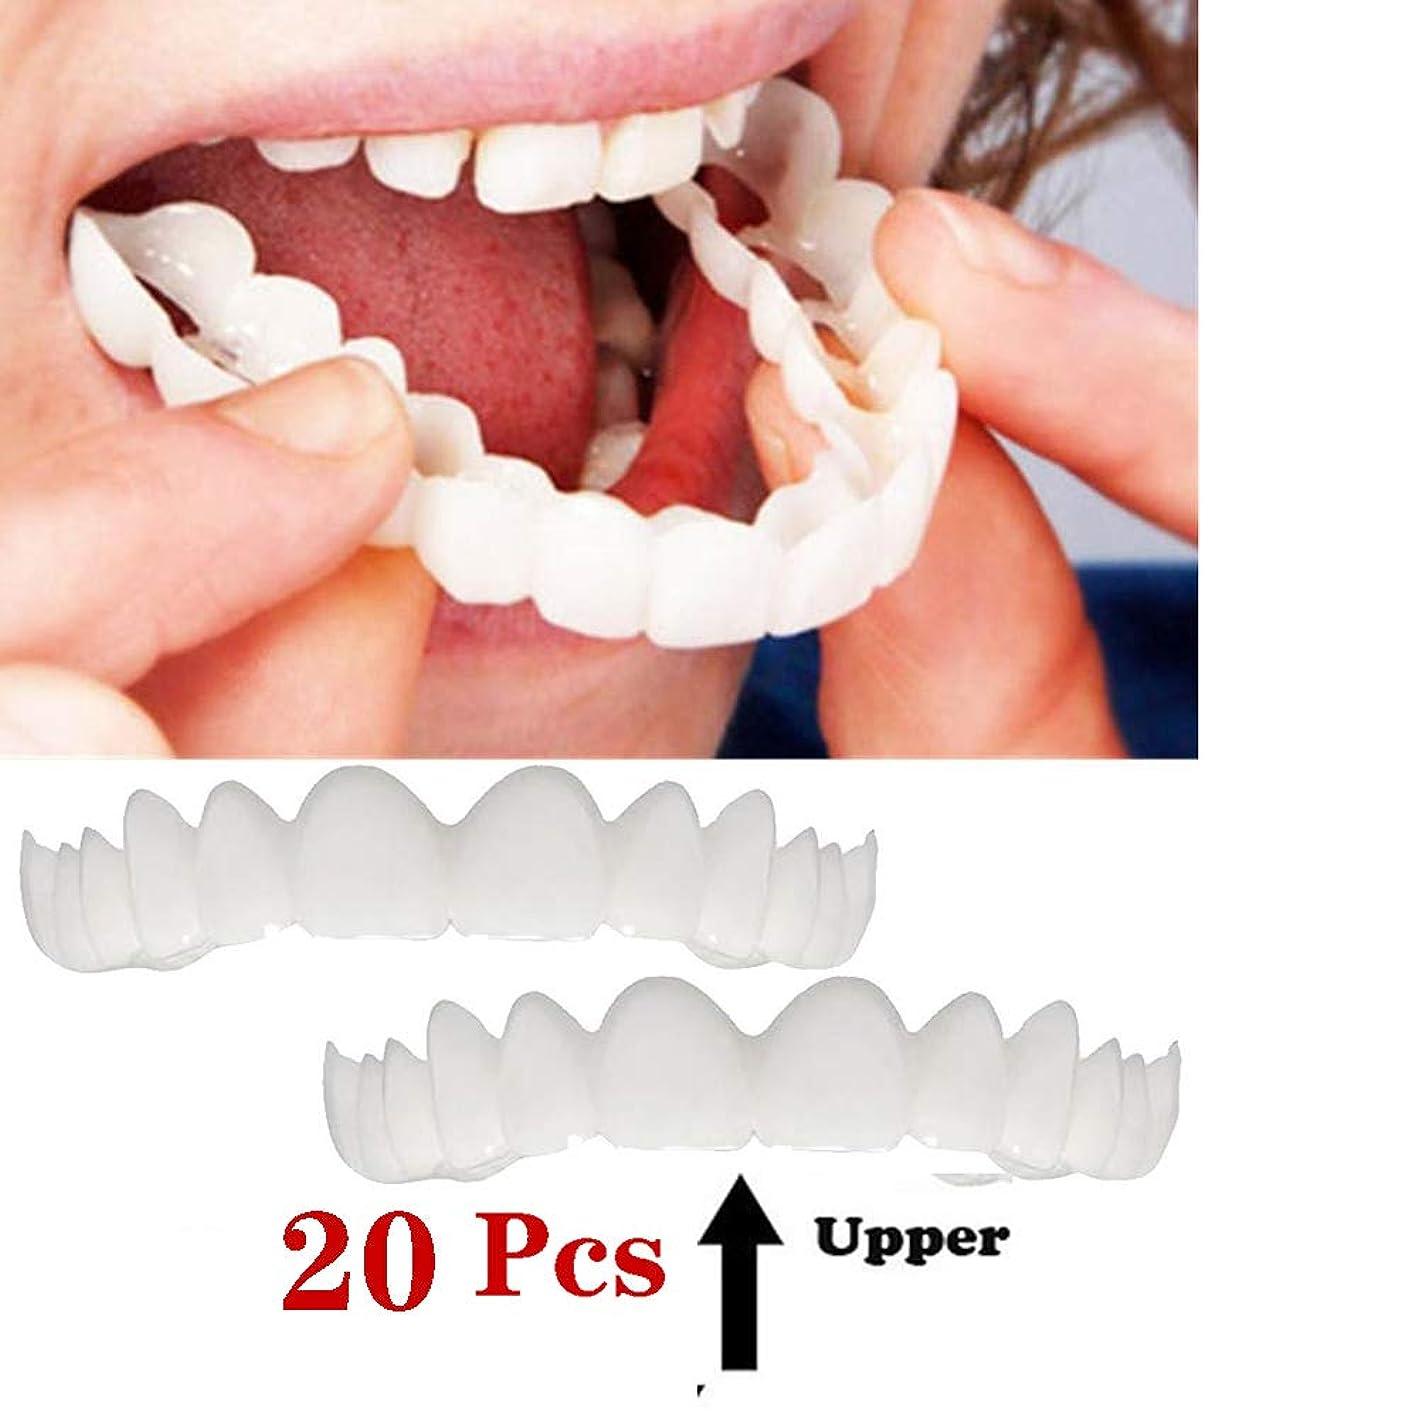 風味走る誘惑笑顔の義歯フィットフレックス化粧品の歯快適なベニヤカバー歯のスナップを白くする笑顔の歯化粧品の義歯、化粧品の歯20個